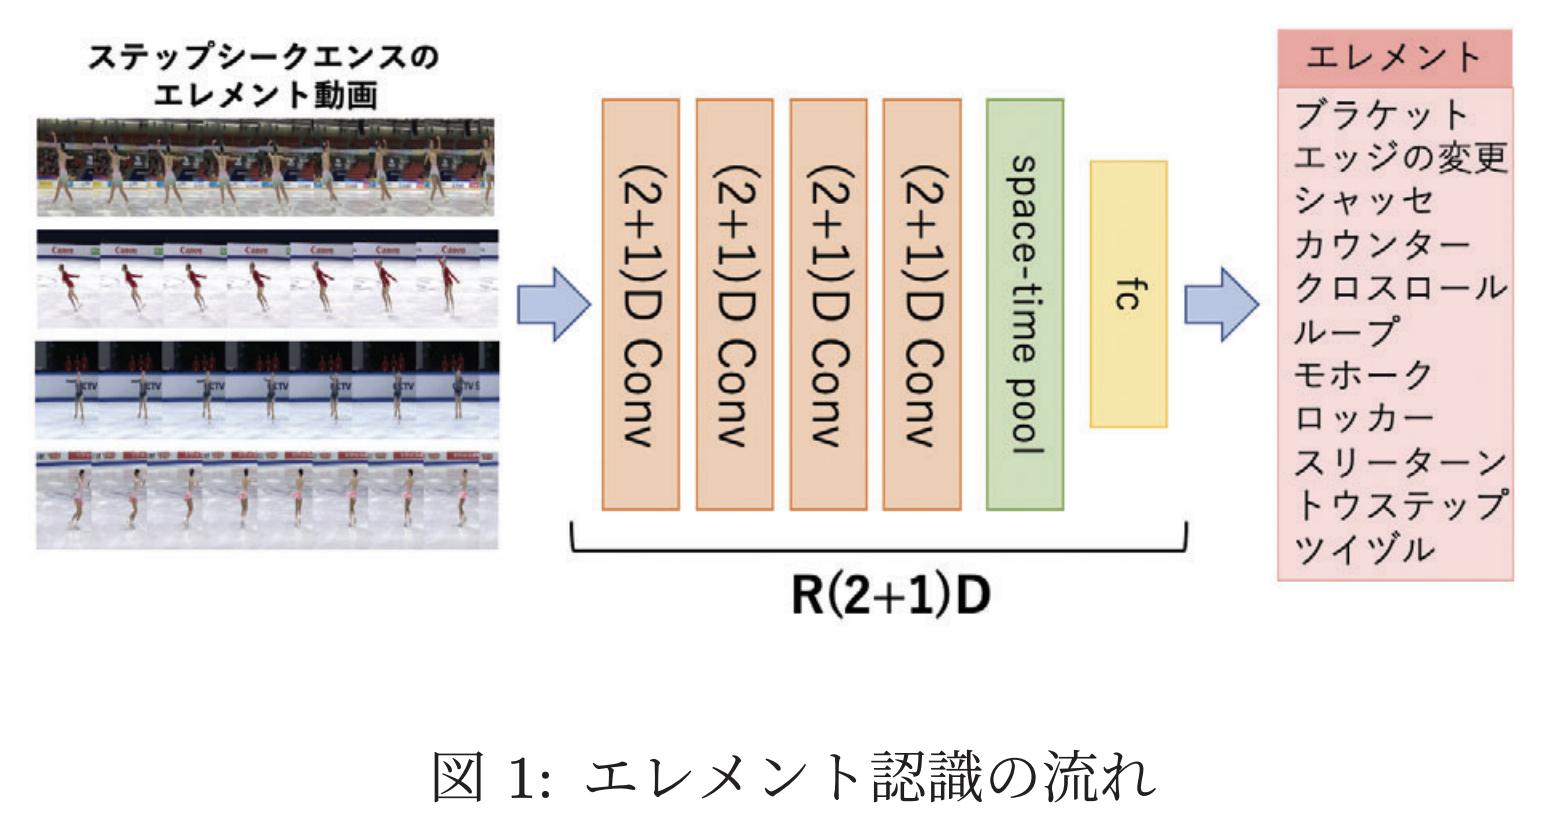 フィギュアスケートのエレメント分類